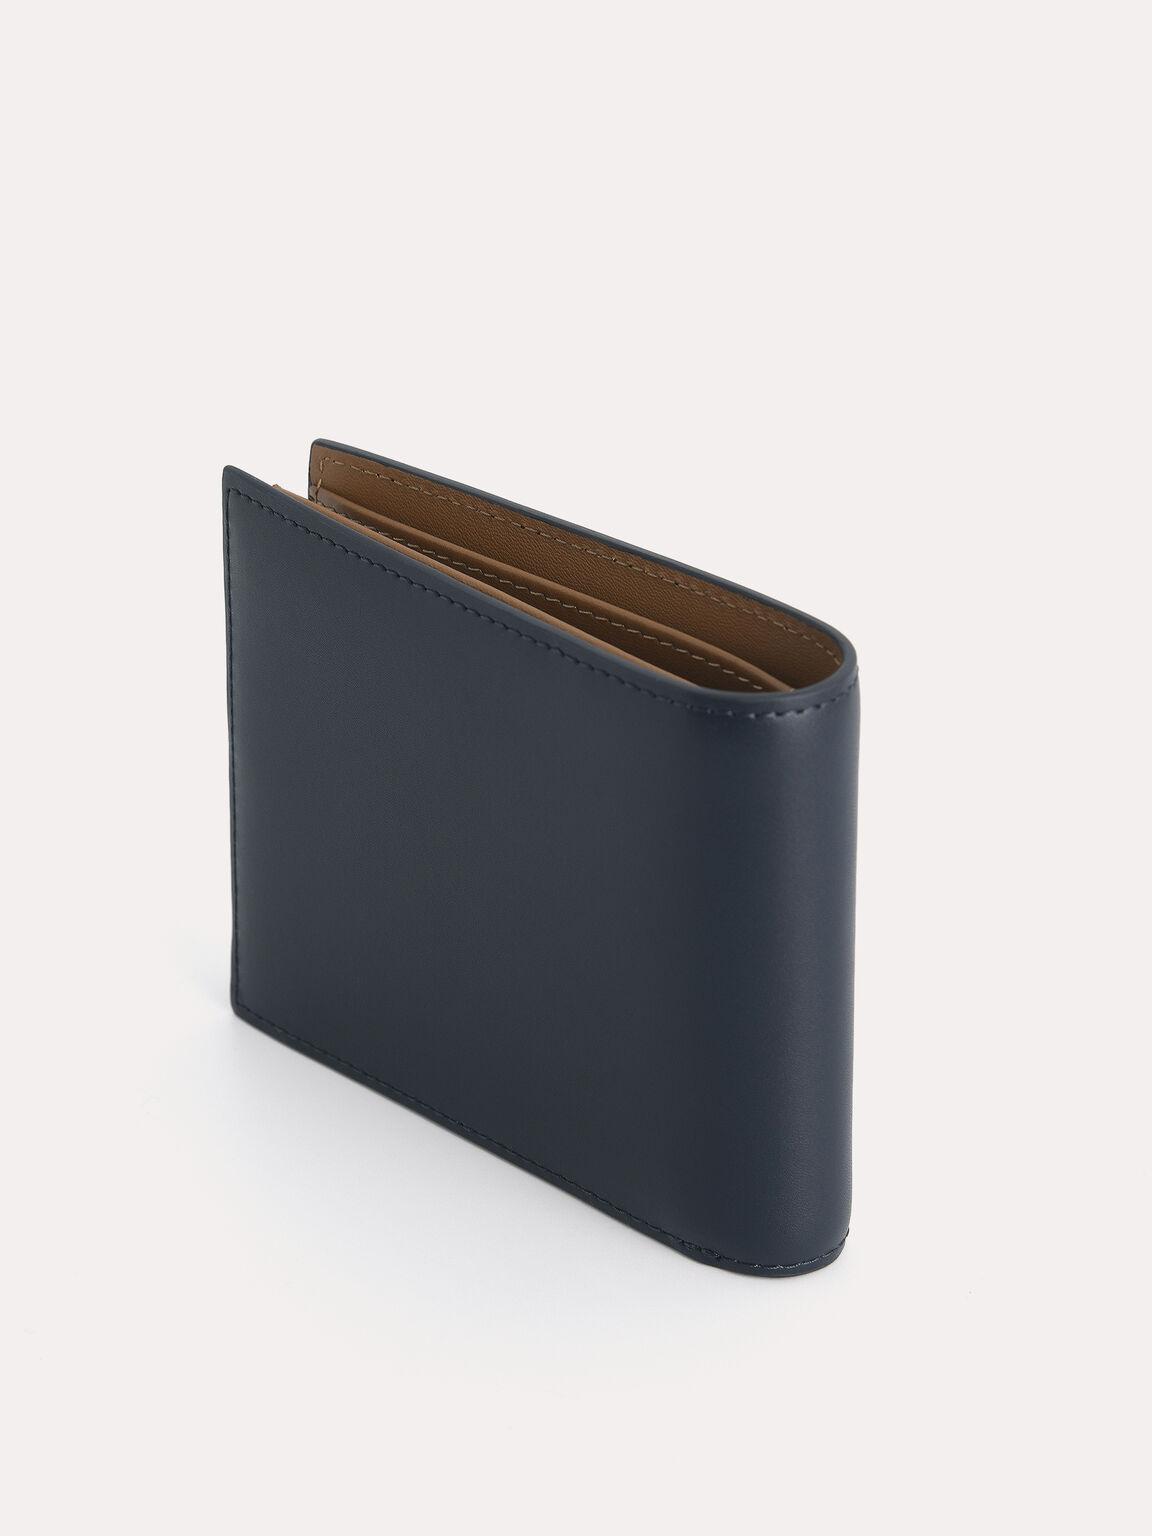 雙折疊皮革錢包帶翻蓋, 海军蓝色, hi-res